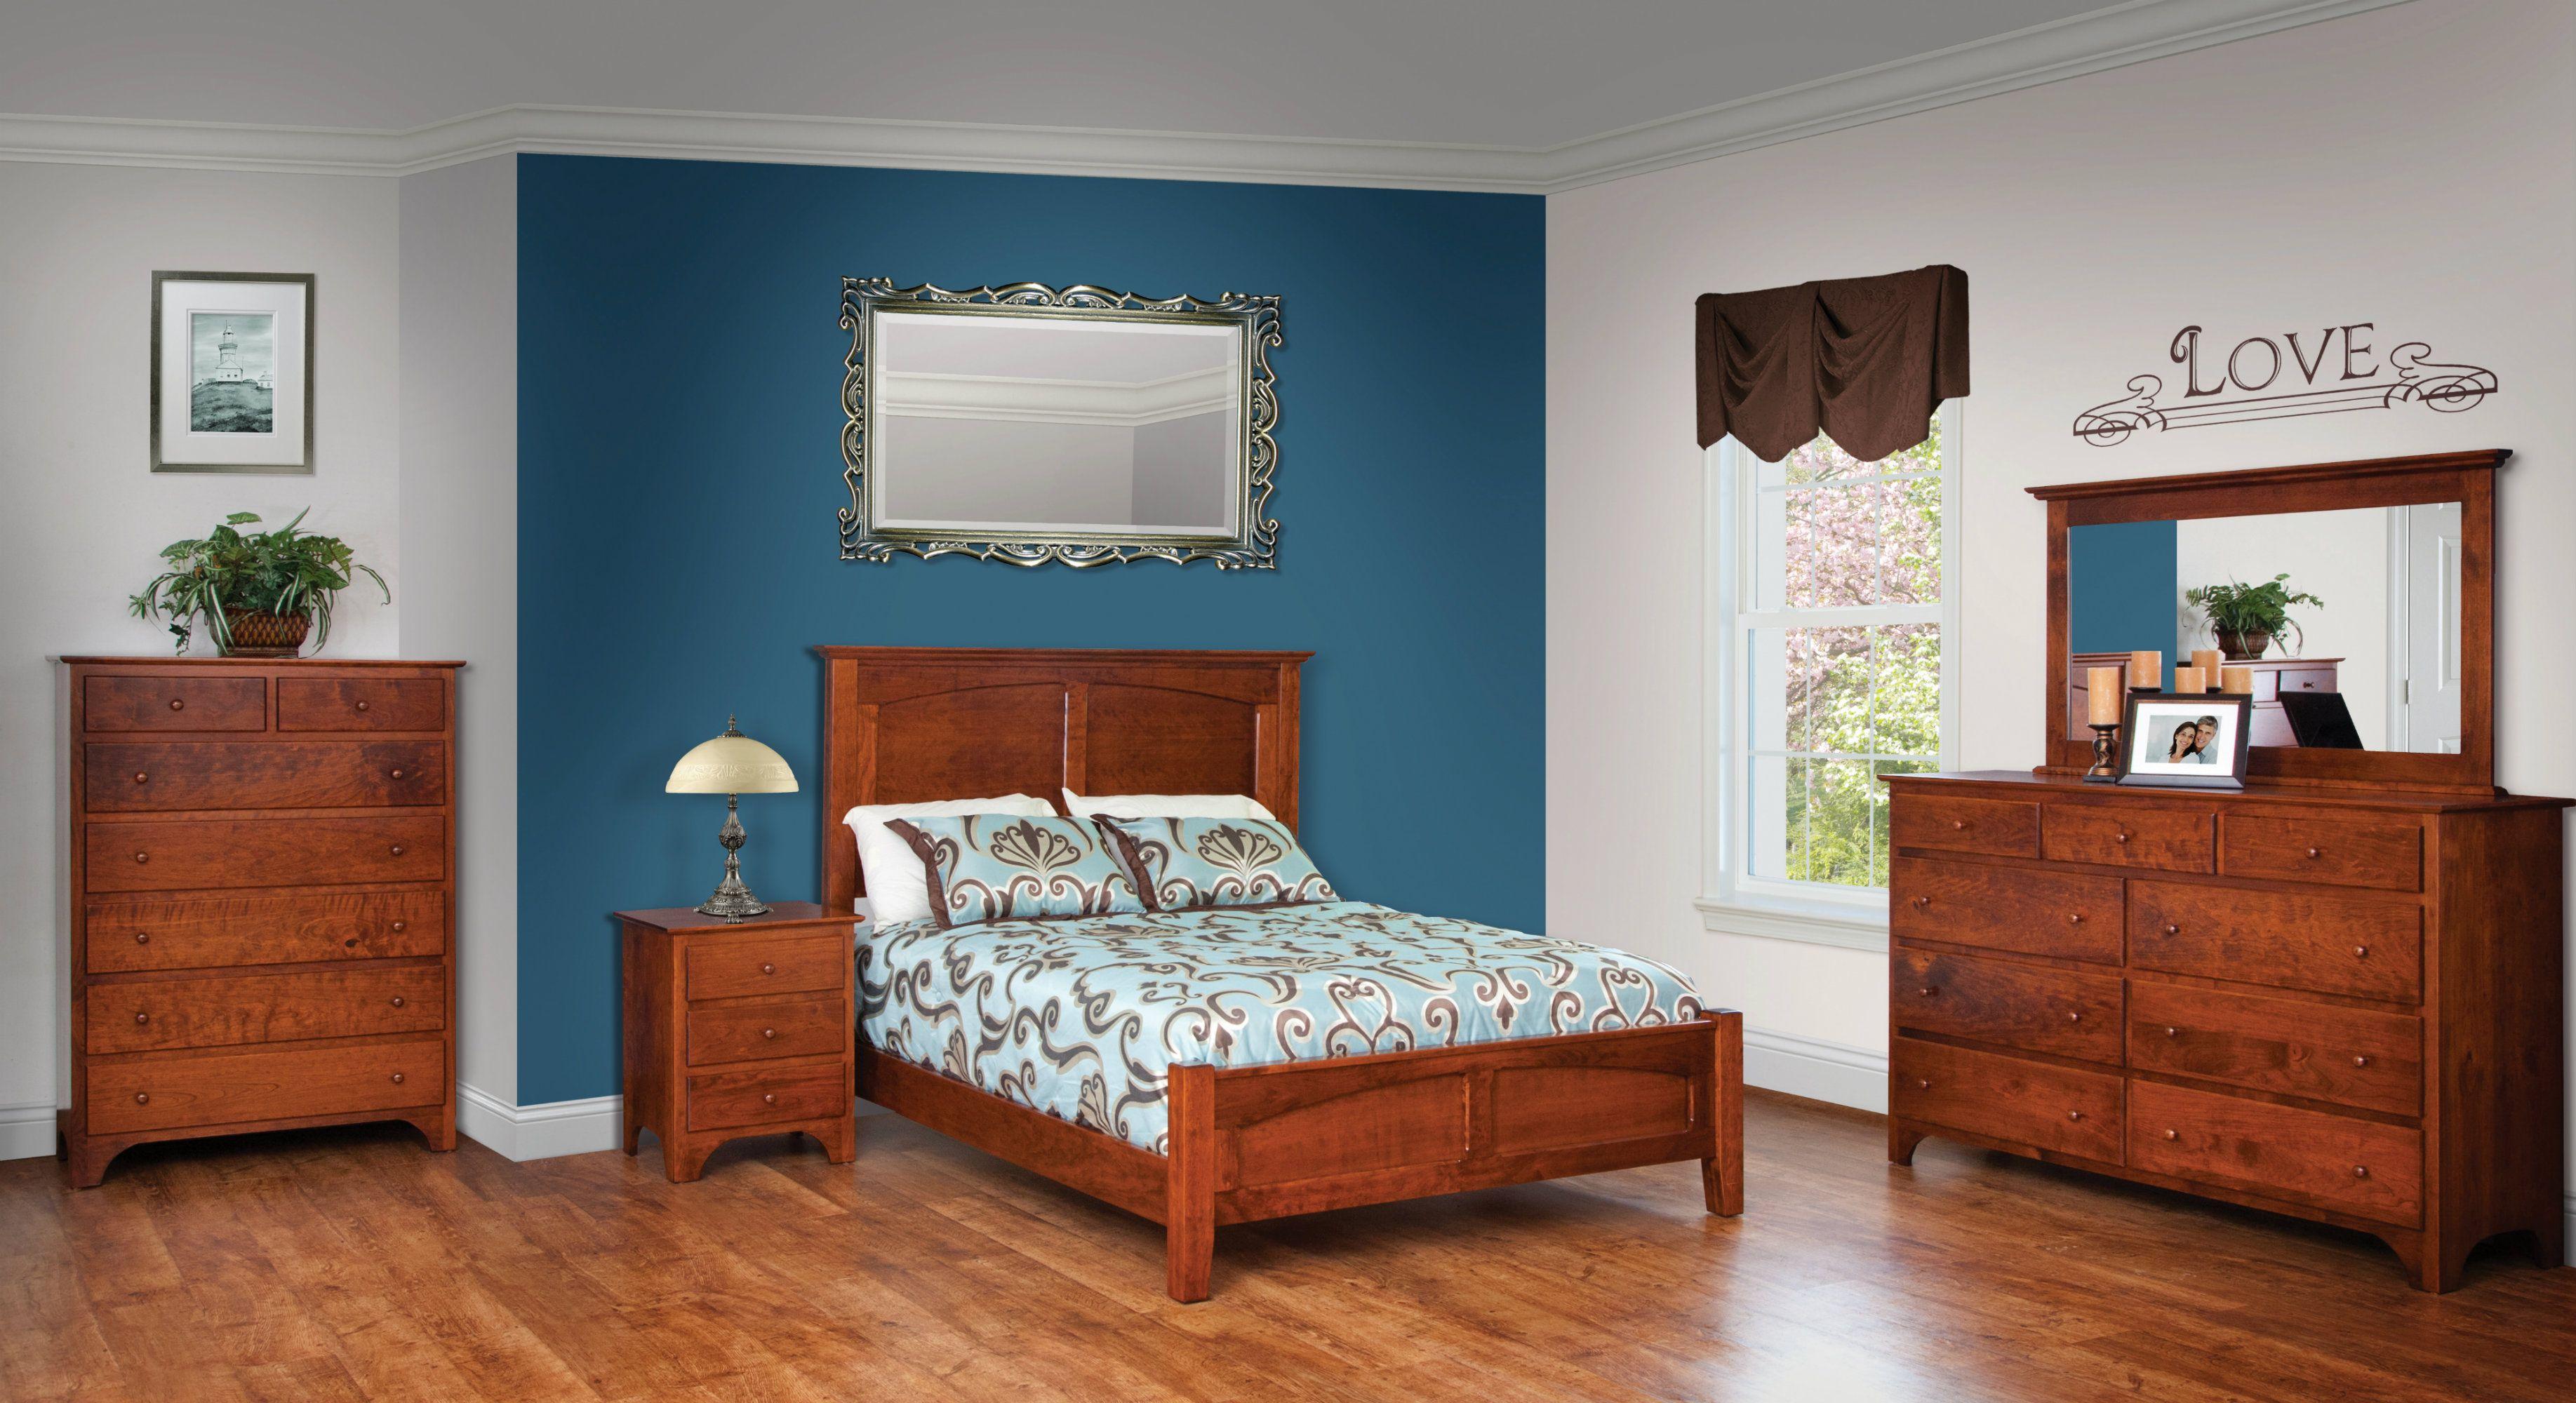 Mission Plattform Bett Schlafzimmermöbel